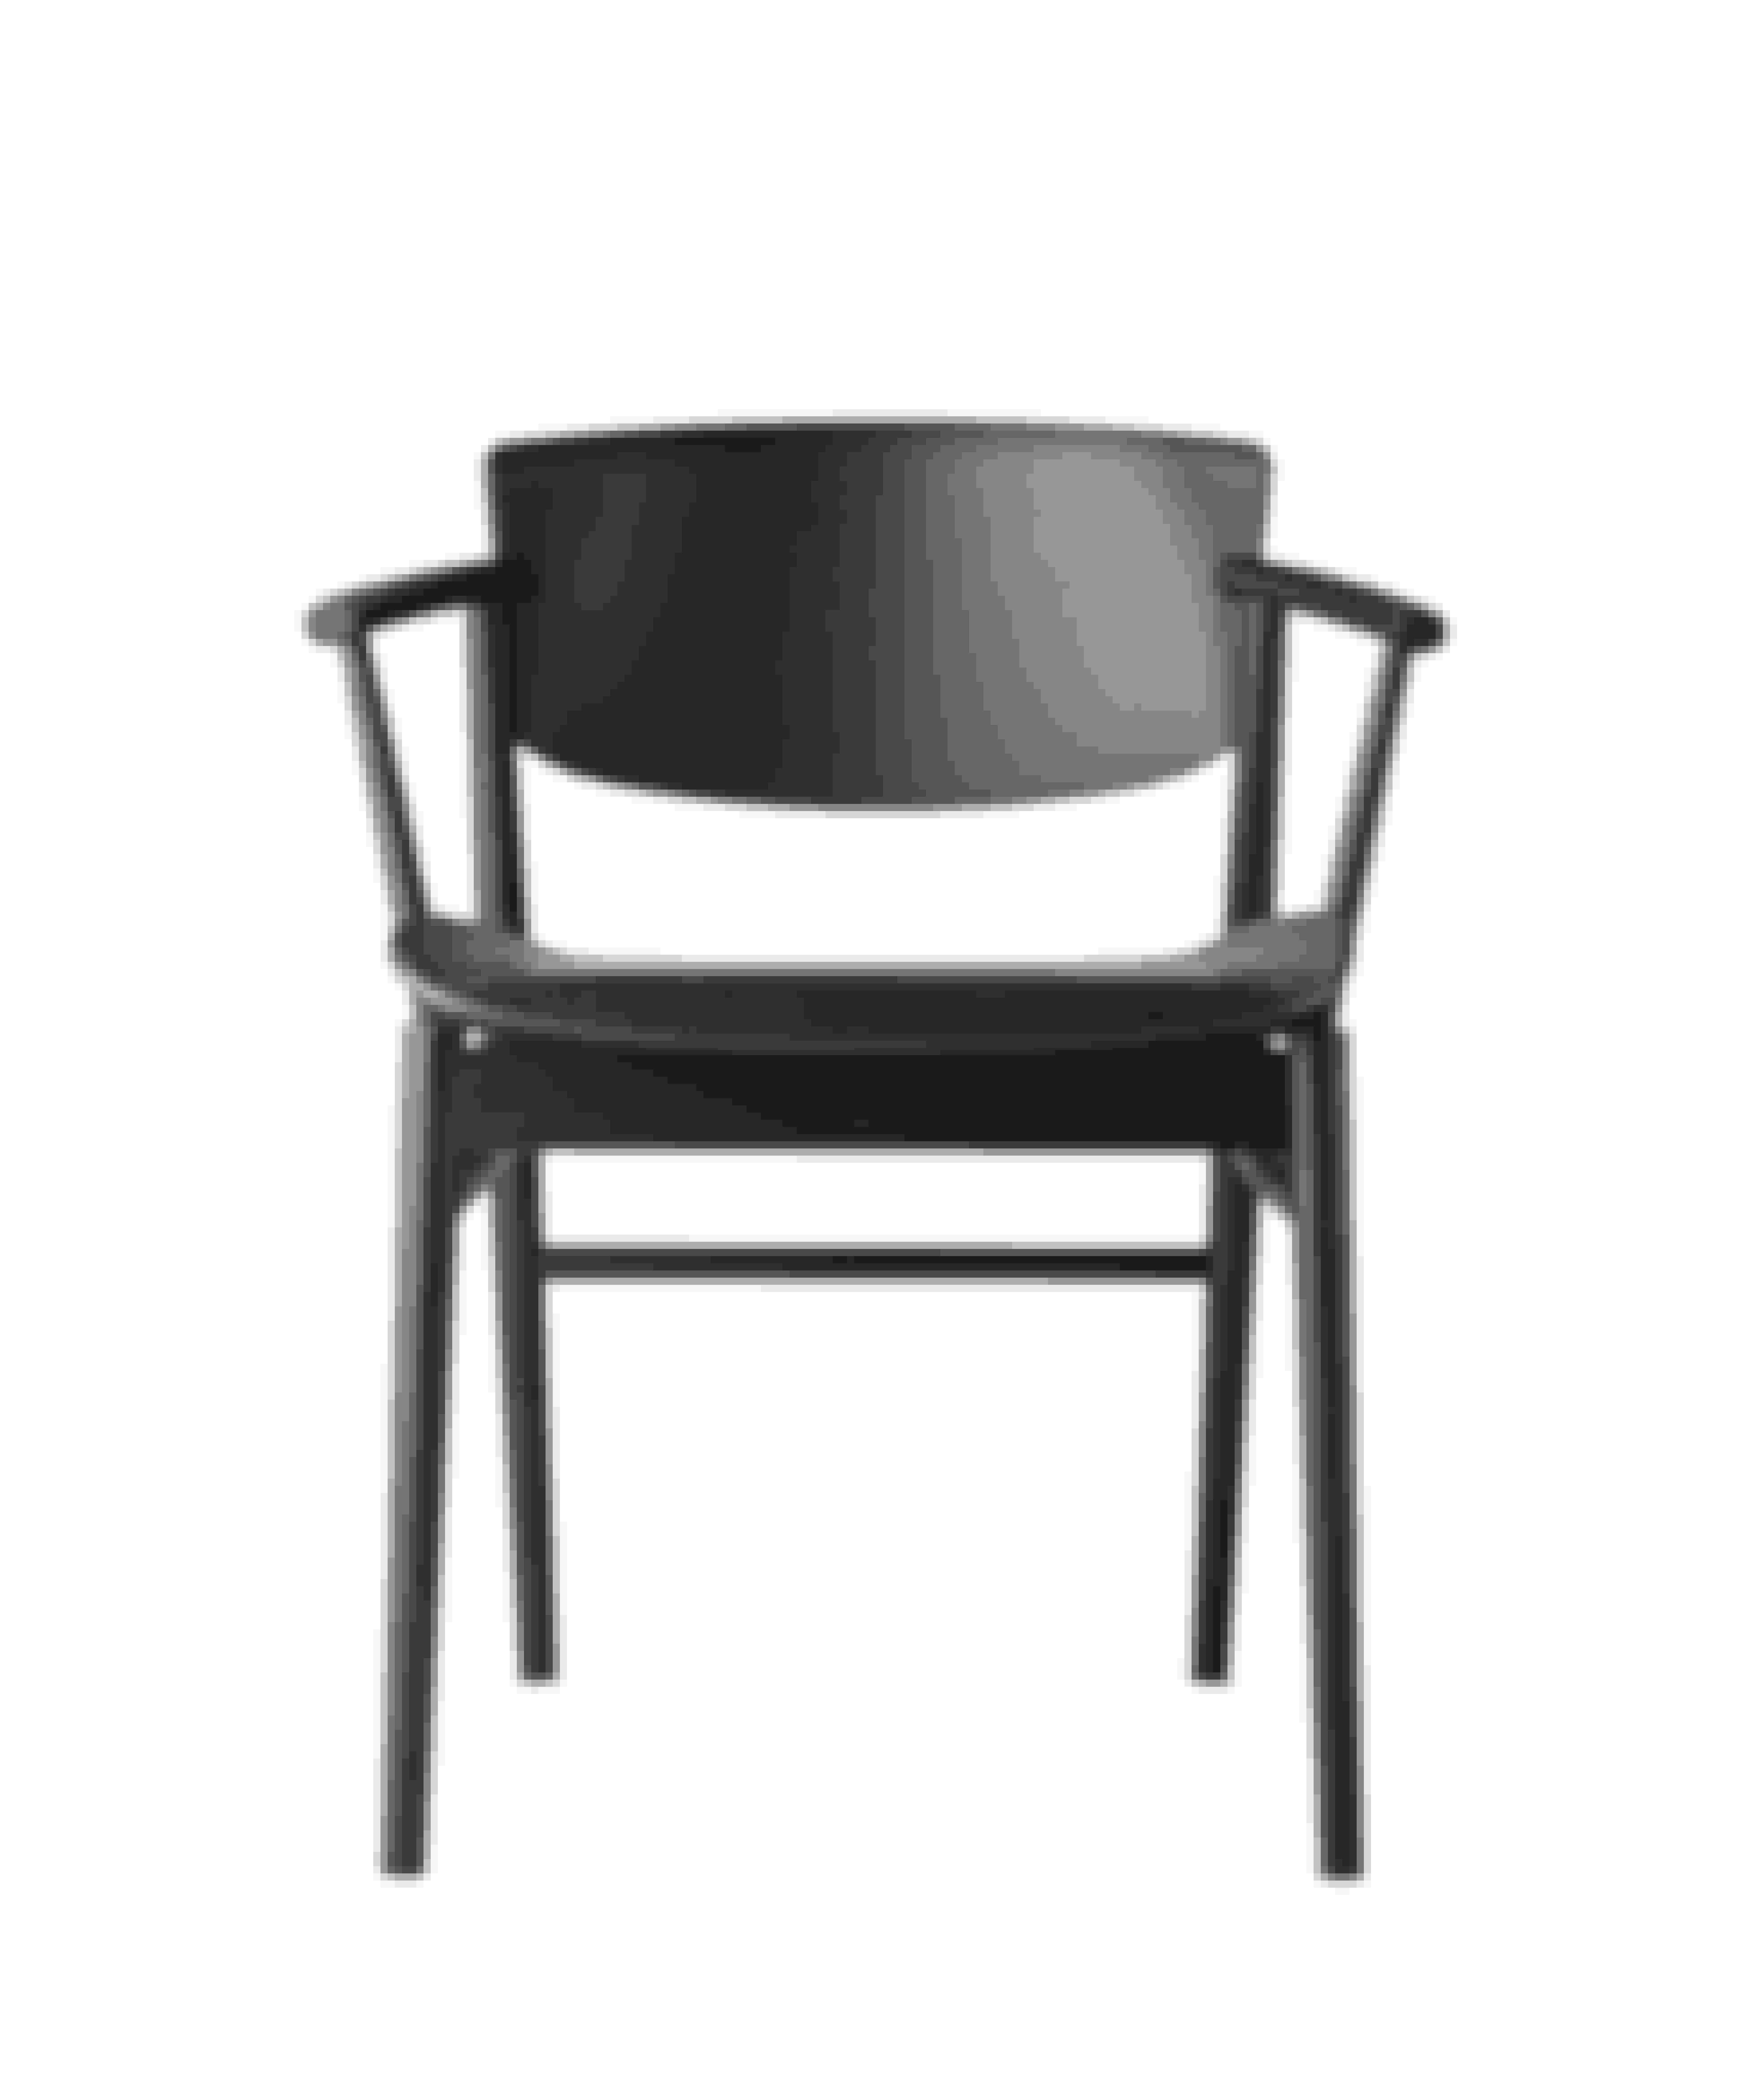 'N01'-stol designet af Nendo for Fritz Hansen, 5.000 kr.Køb online her.